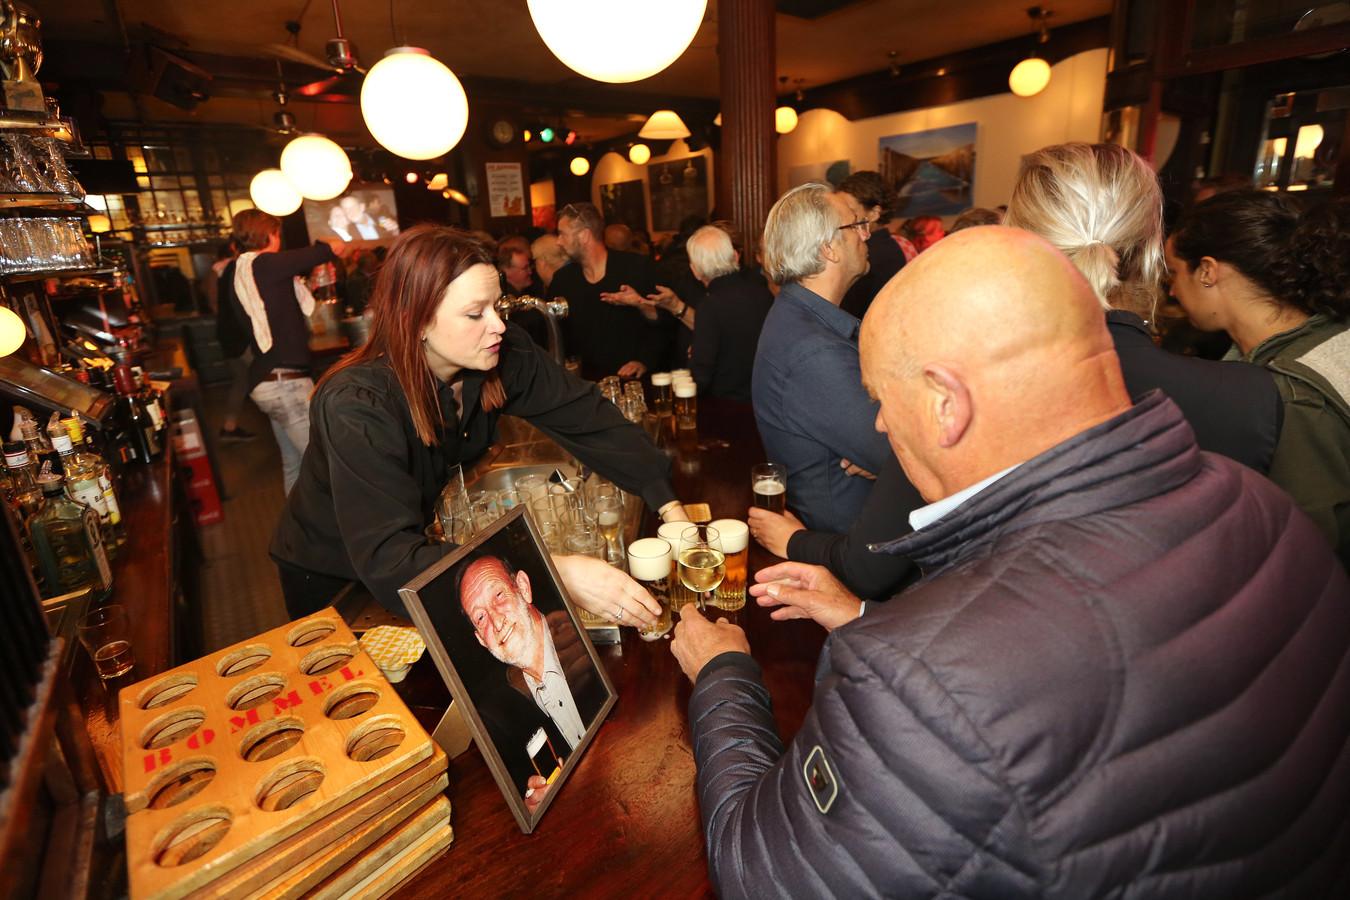 Voormalig Bommel-eigenaar Cees Verberk is overleden. Zijn leven werd vanmiddag - na de crematie - gevierd in De Bommel. Op de bar stond een foto van hem.